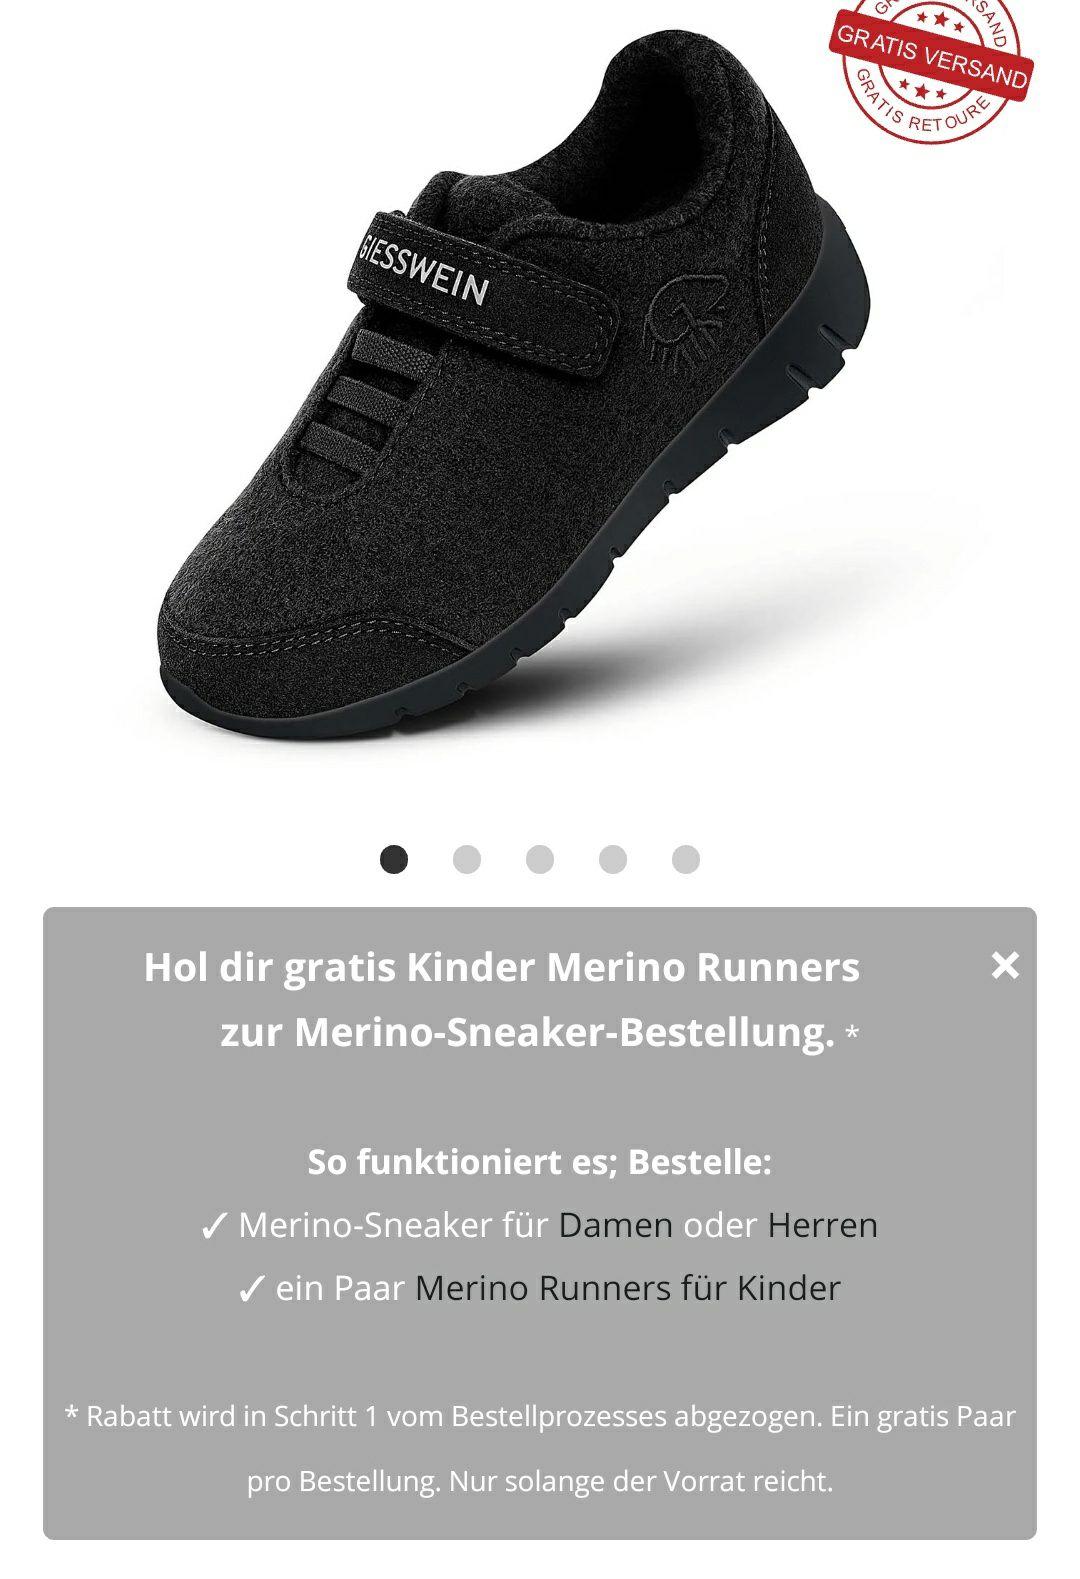 GRATIS Giesswein Kinder Merino Runners beim Kauf von Merino Schuhe für Damen oder Herren